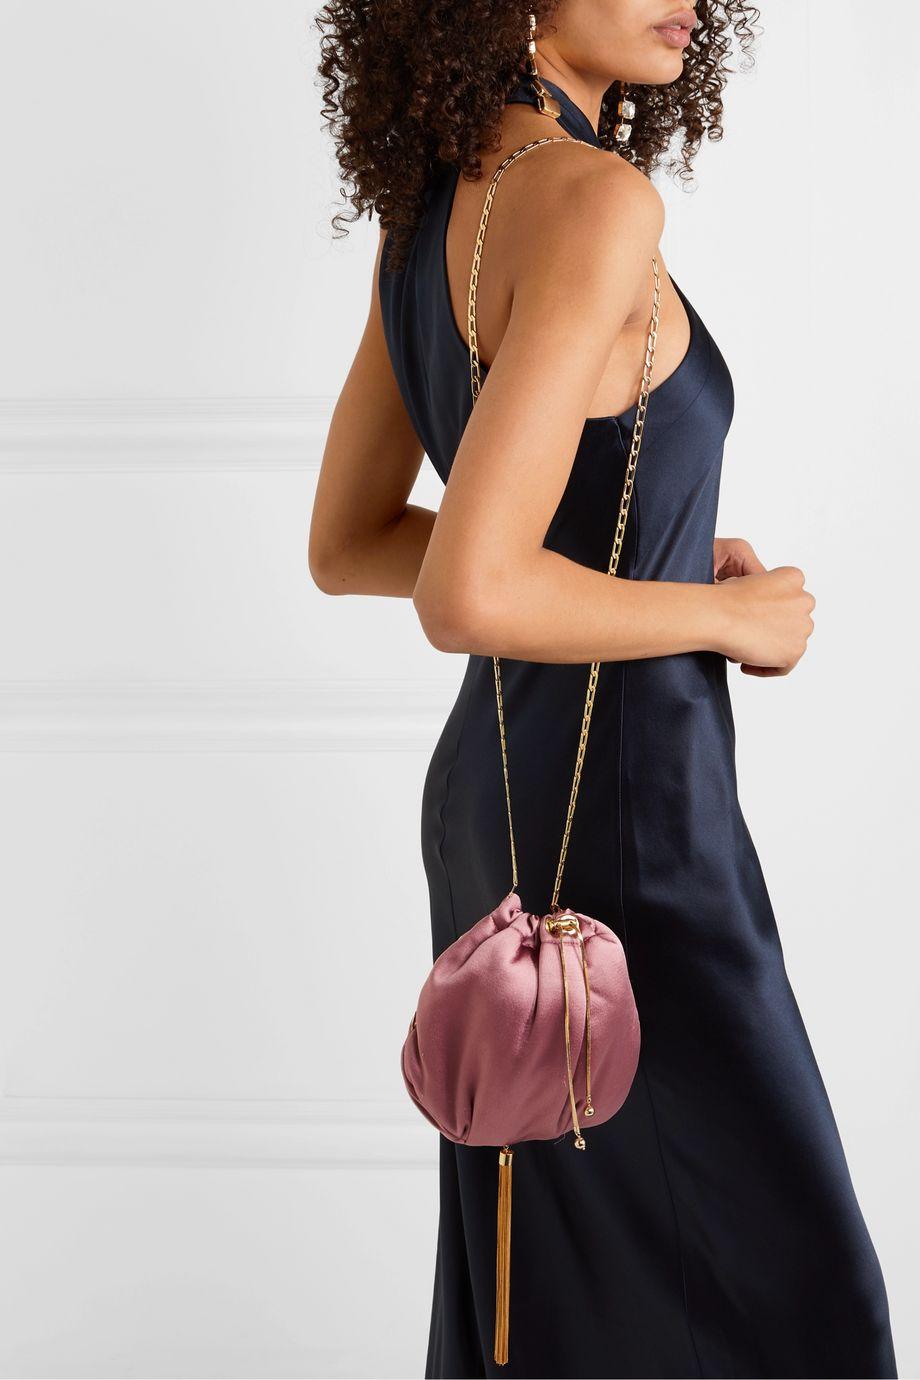 Rosantica Fatale tasseled satin shoulder bag